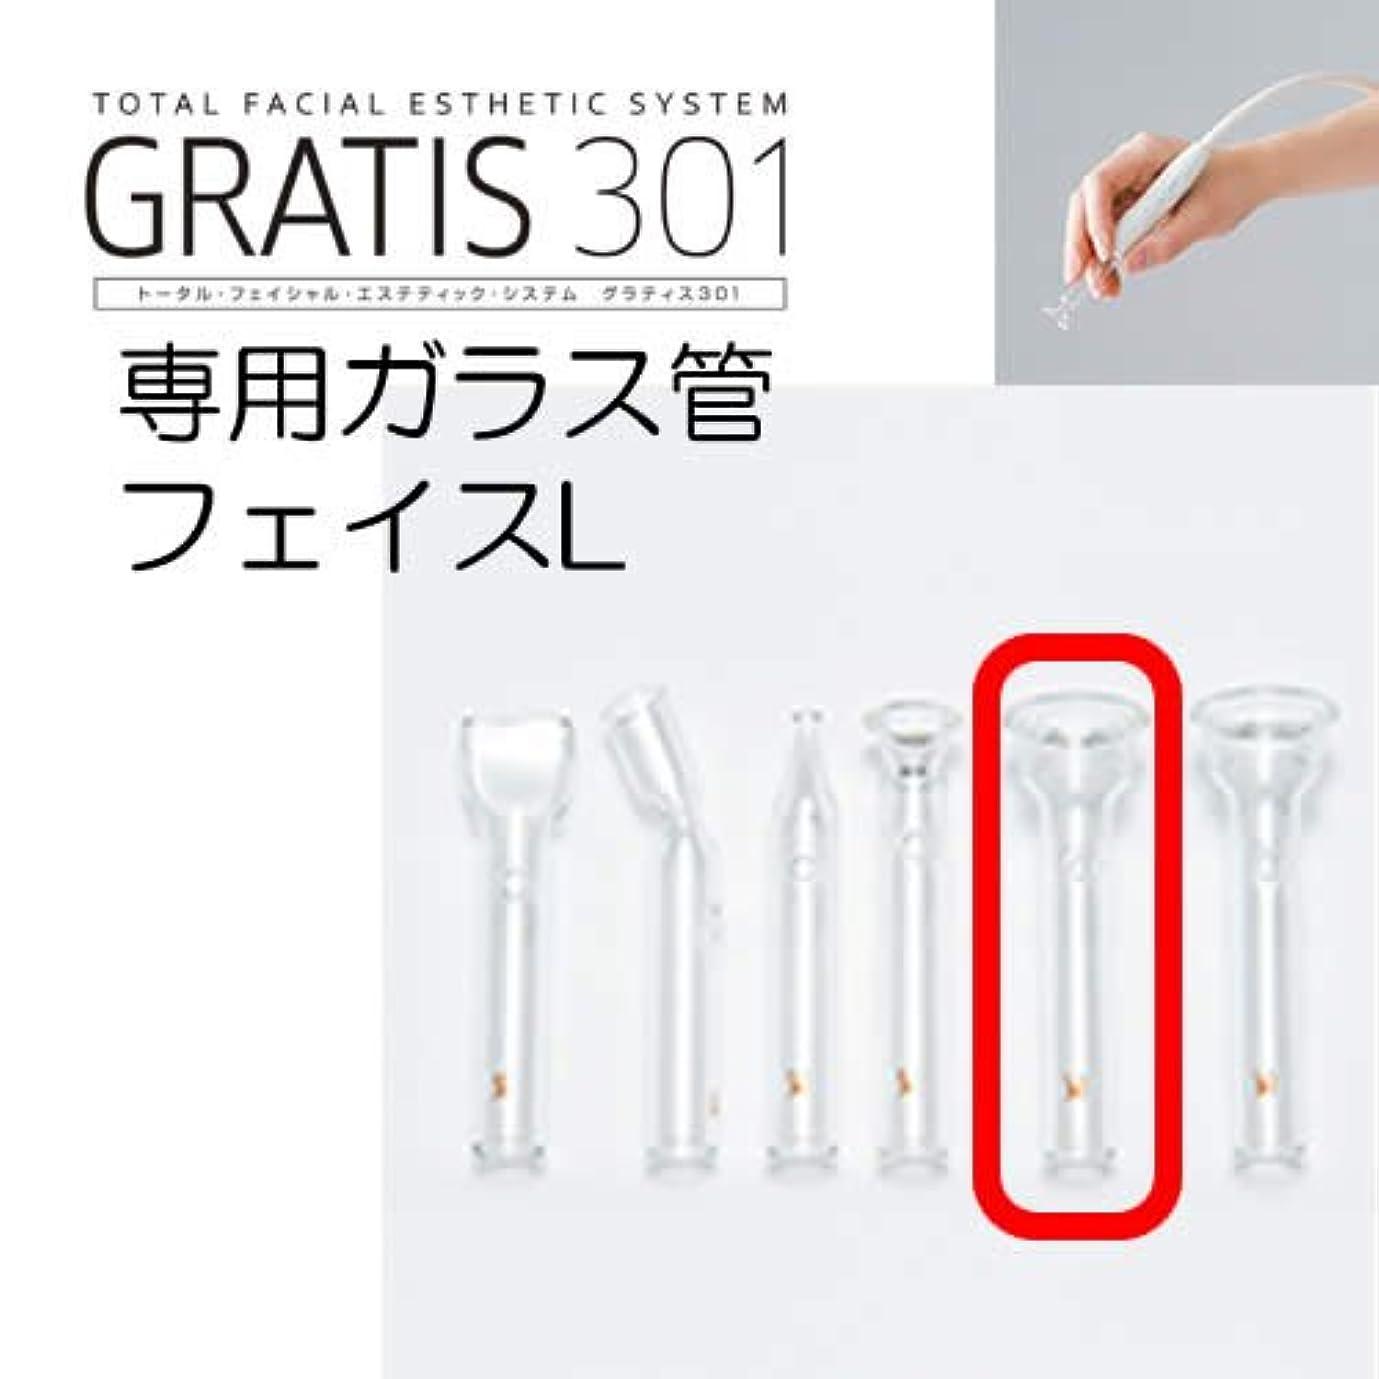 より落とし穴多様体GRATIS 301(グラティス301)専用ガラス管 フェイスL(2本セット)